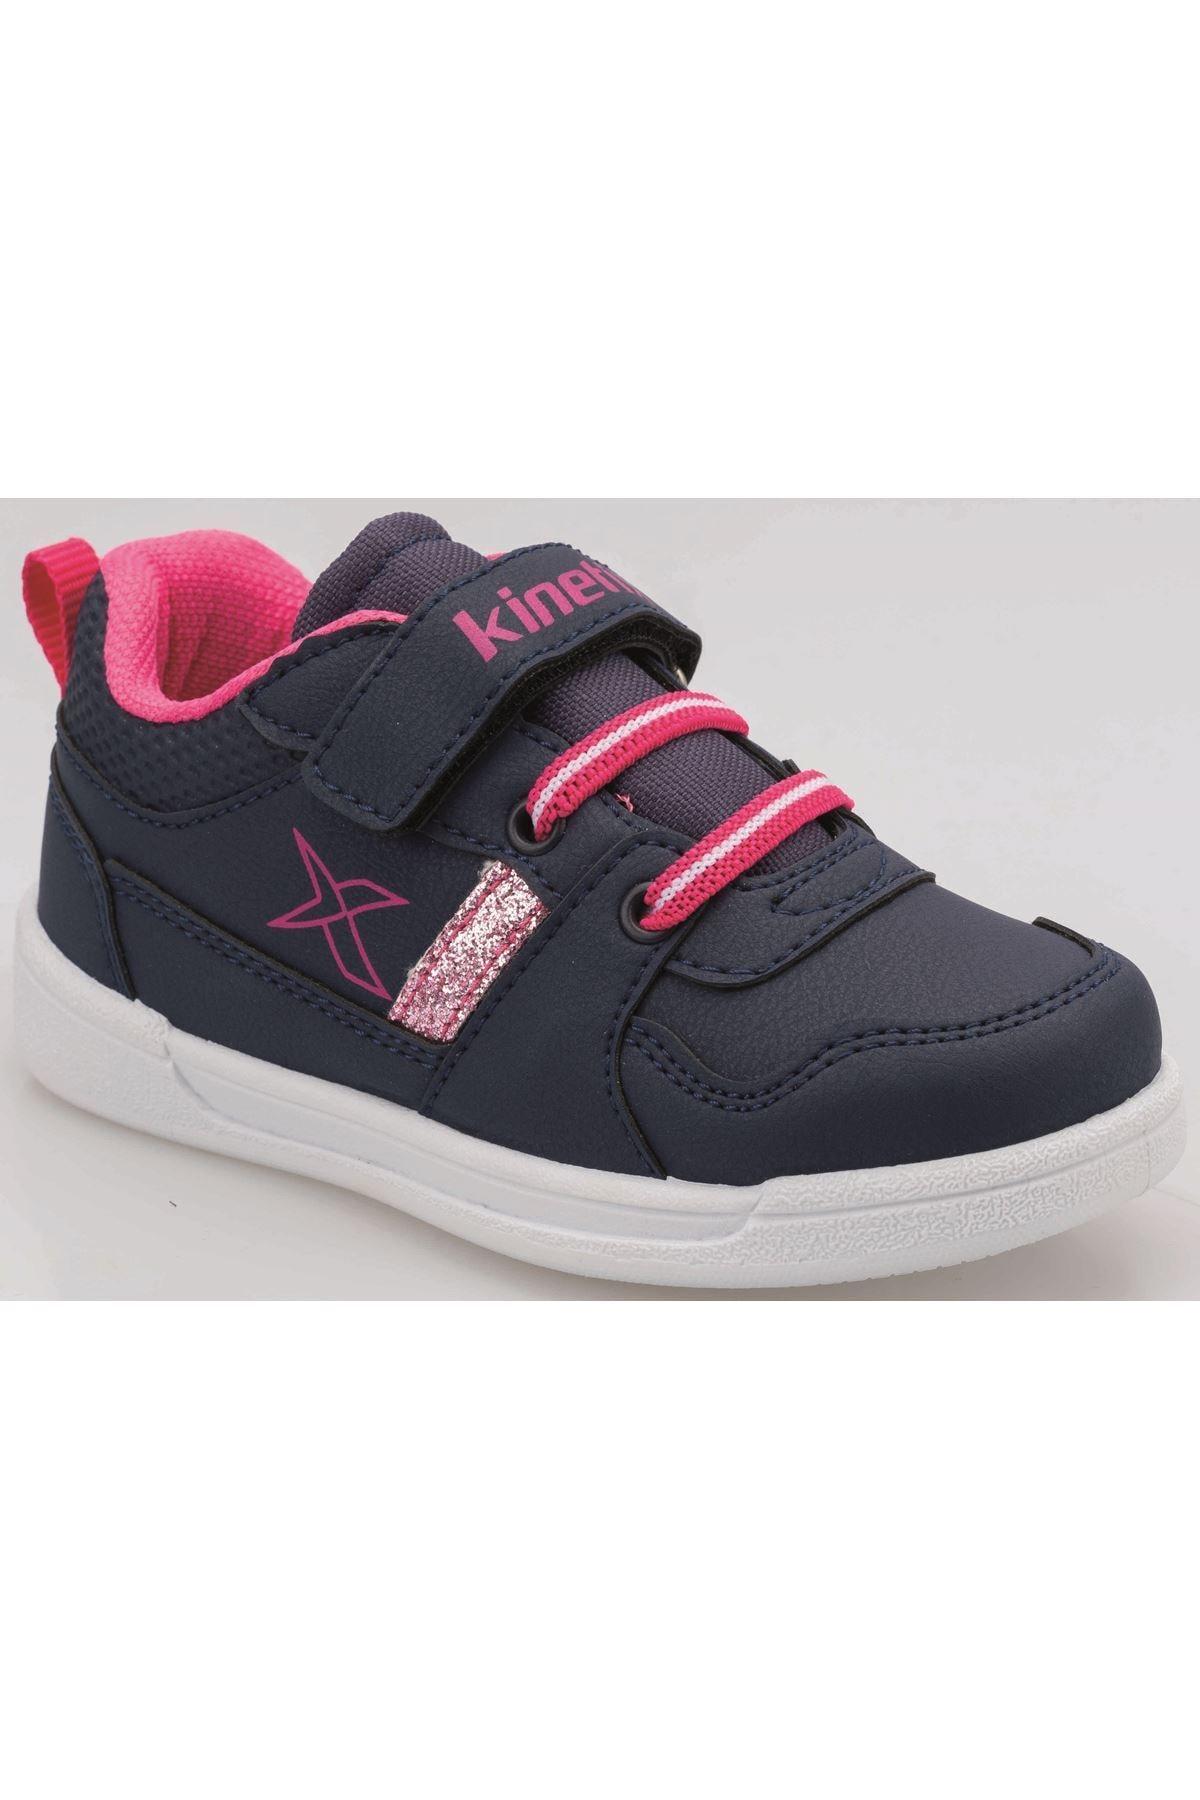 Kinetix Kız Çocuk Lacivert As00259810 100425520 Enkos 9pr Patik Spor Ayakkabı 1